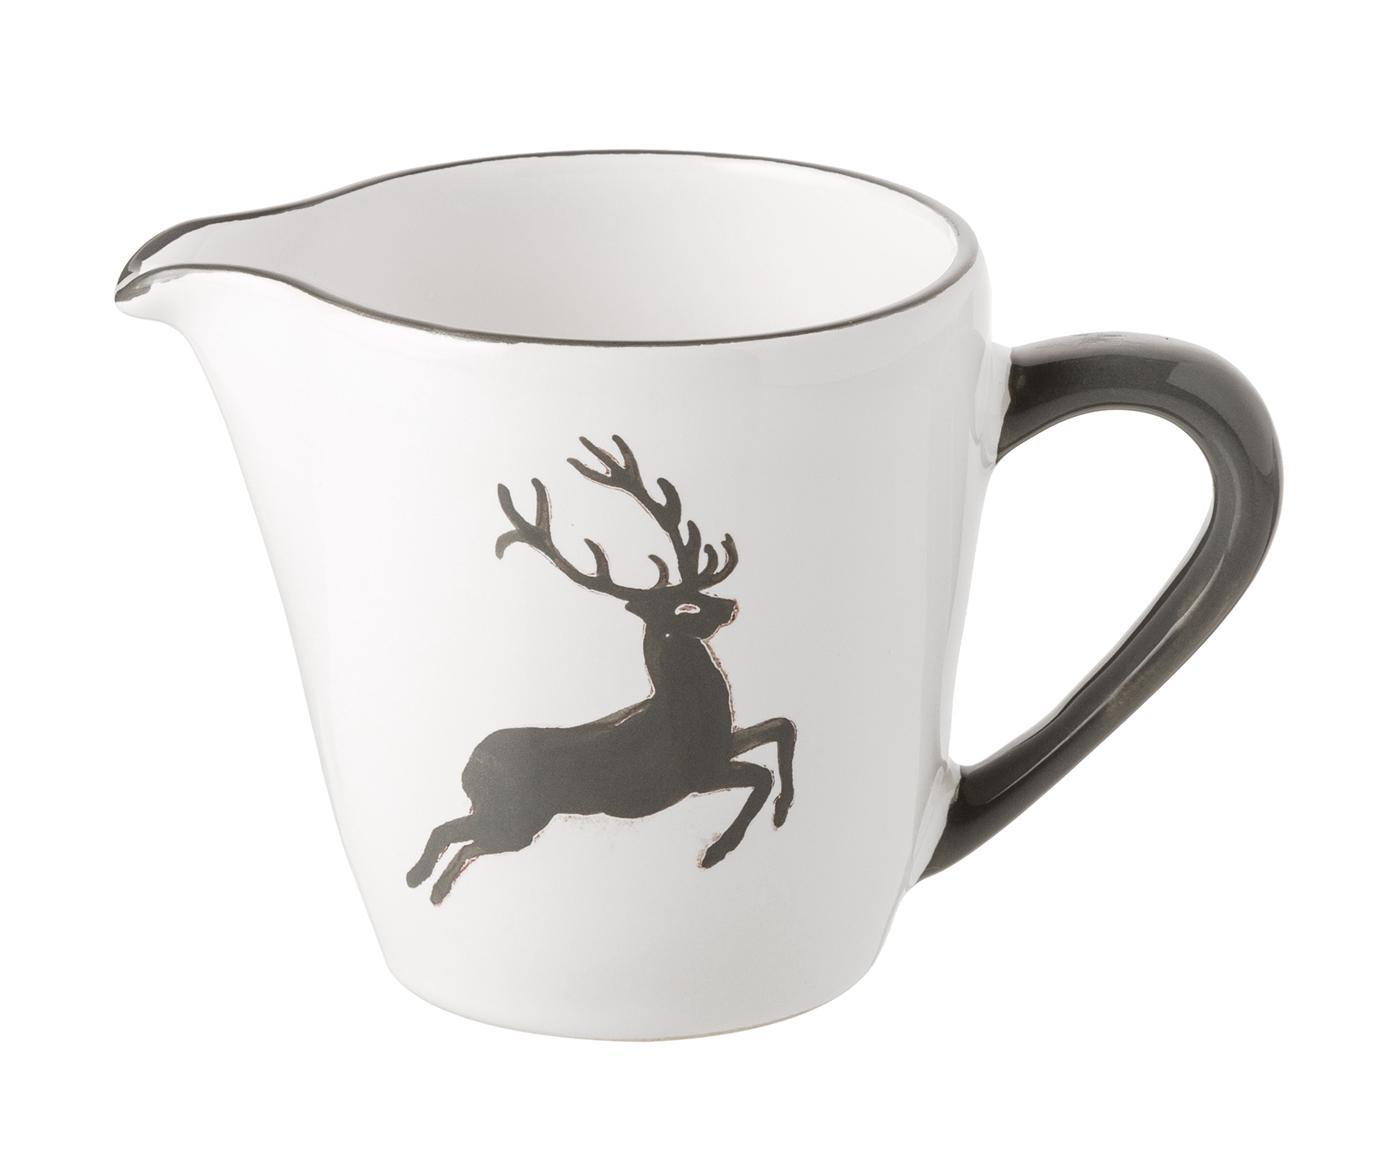 Handbemalter Milchgießer Gourmet Grauer Hirsch, Keramik, Grau,Weiß, 200 ml